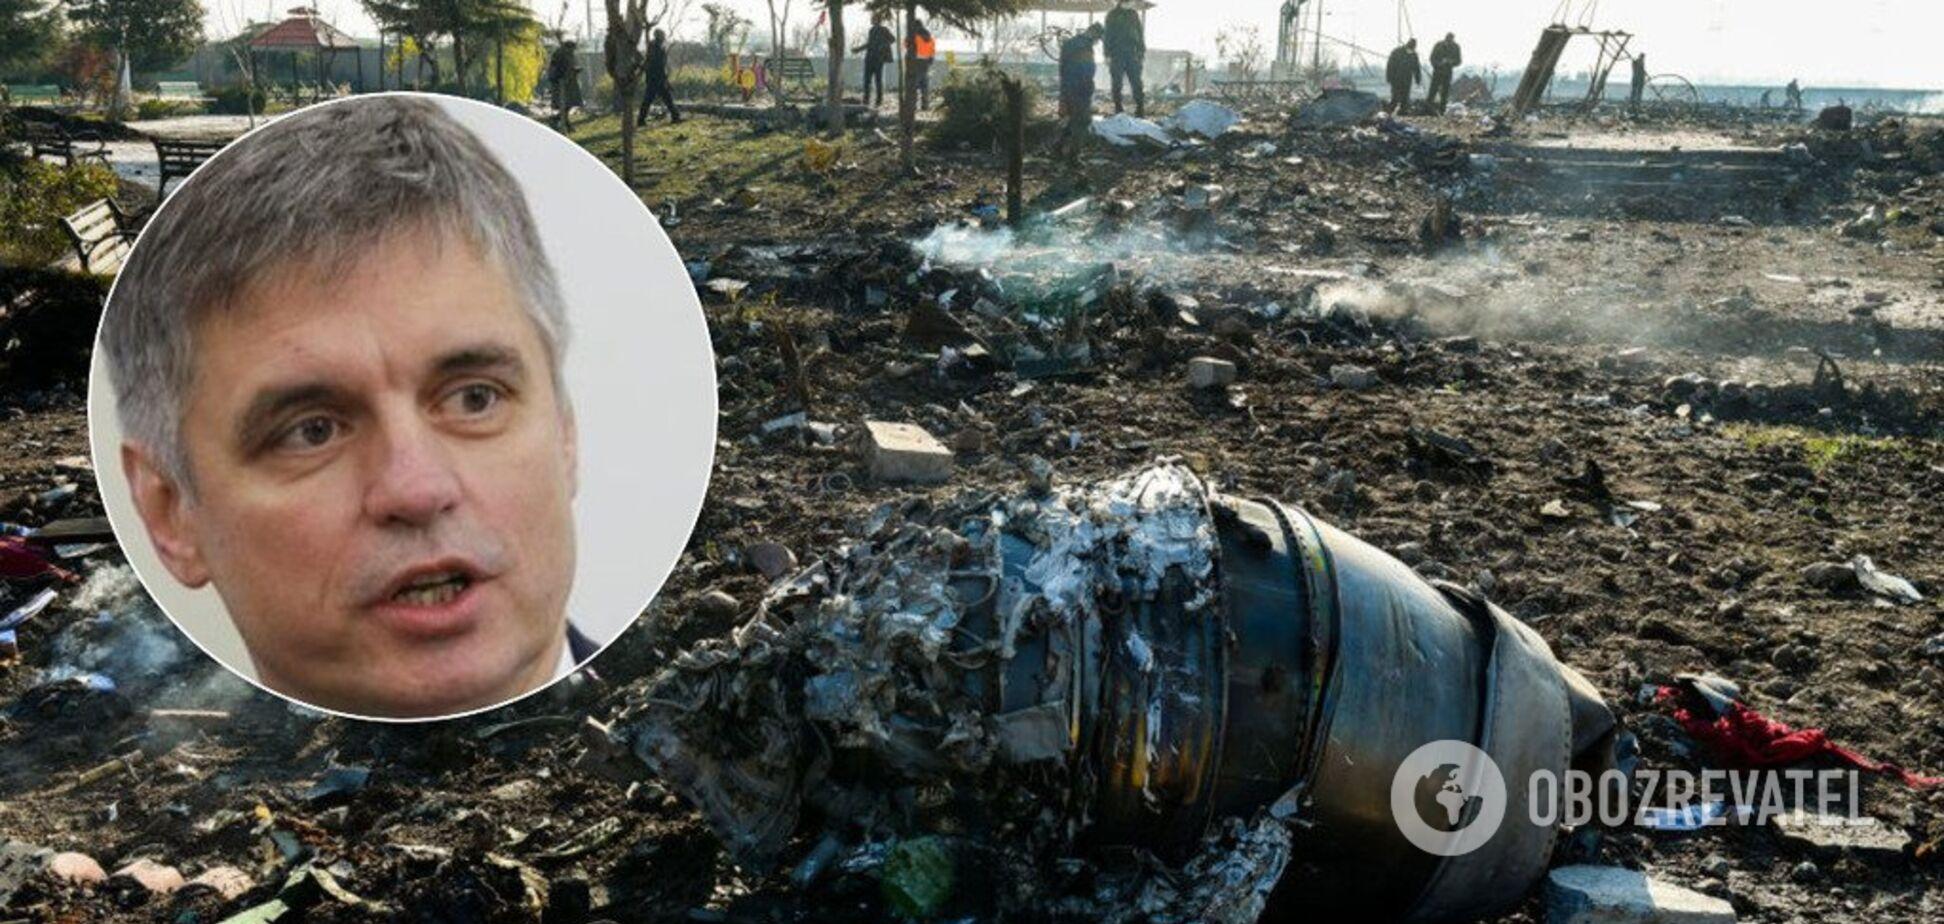 'Чорні скриньки' та візит іранців до України: Пристайко повідомив деталі розслідування катастрофи МАУ